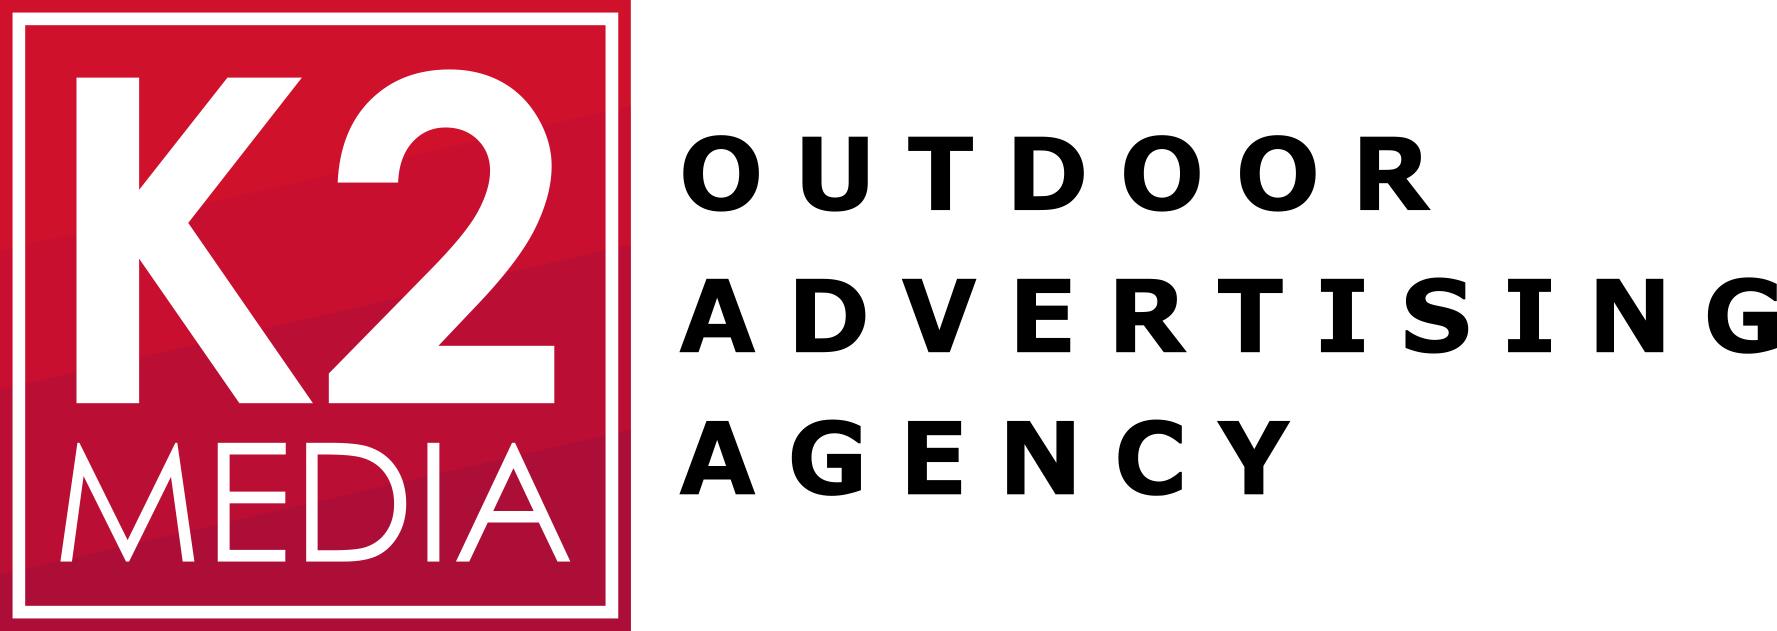 K2 Media Outdoor Billboard Advertising